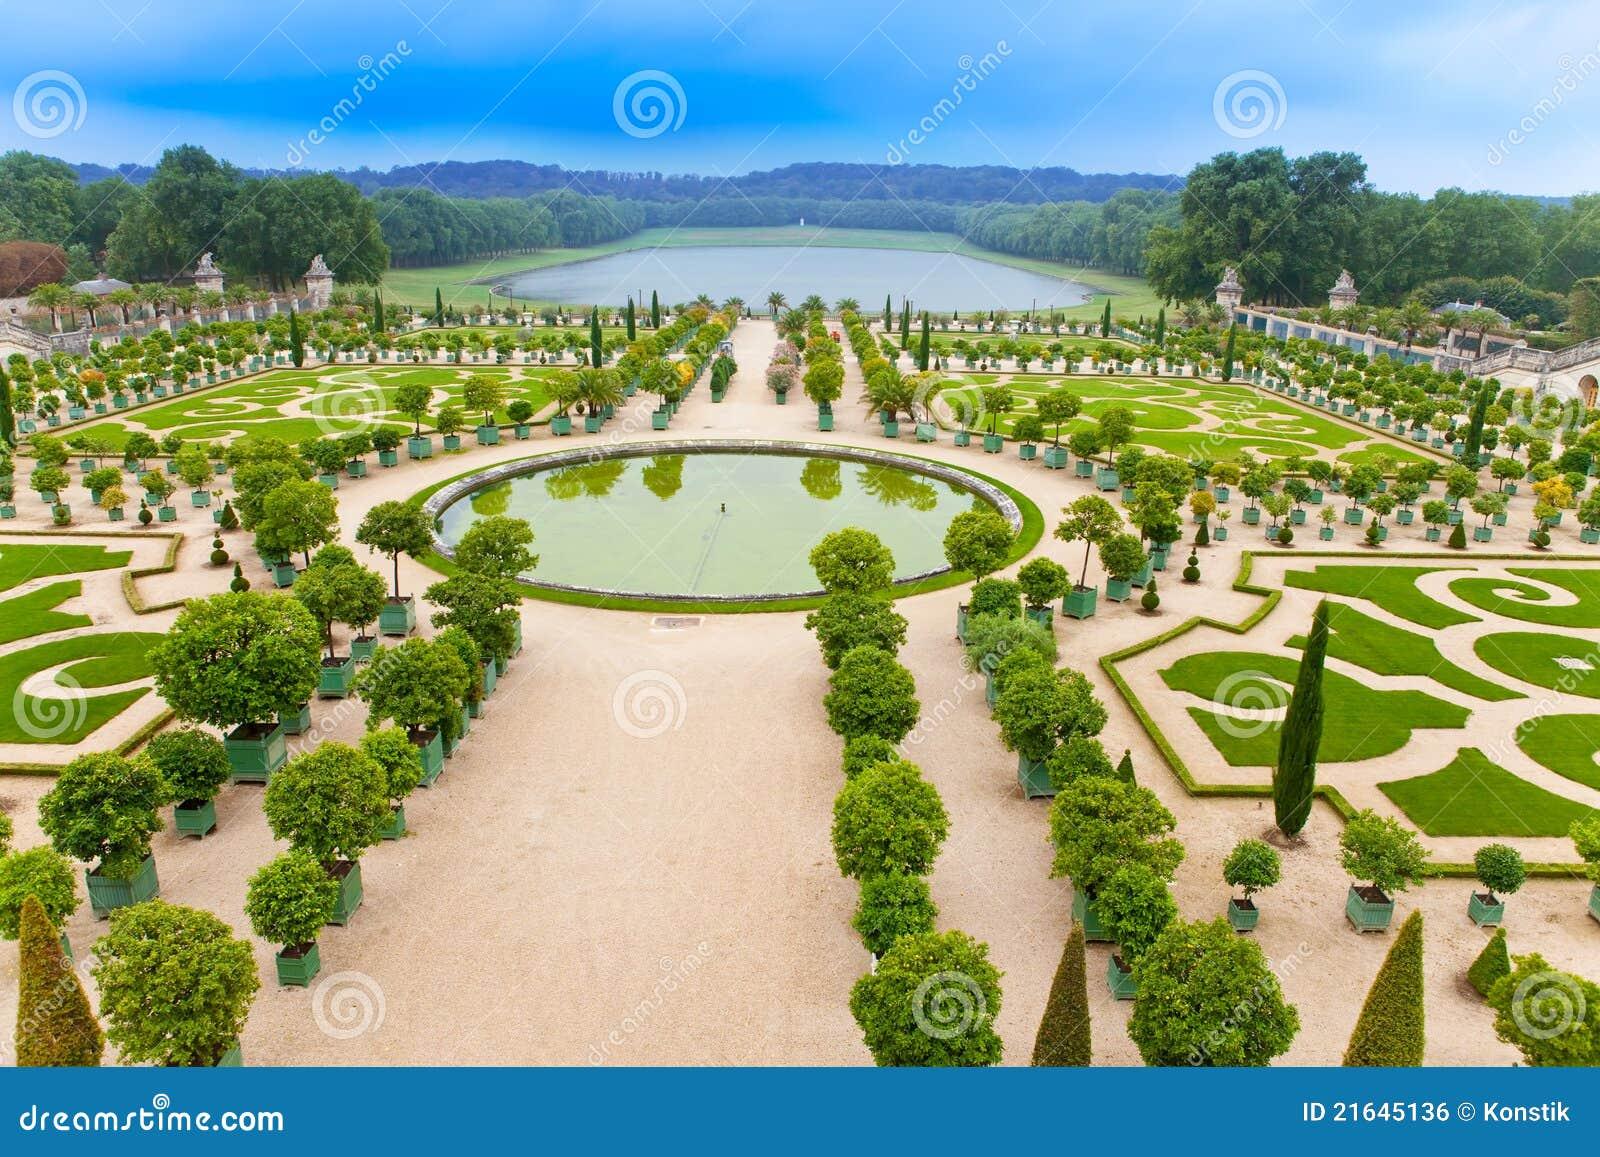 Versailles frankreich park stockfoto bild 21645136 for Parking parc des expositions versailles